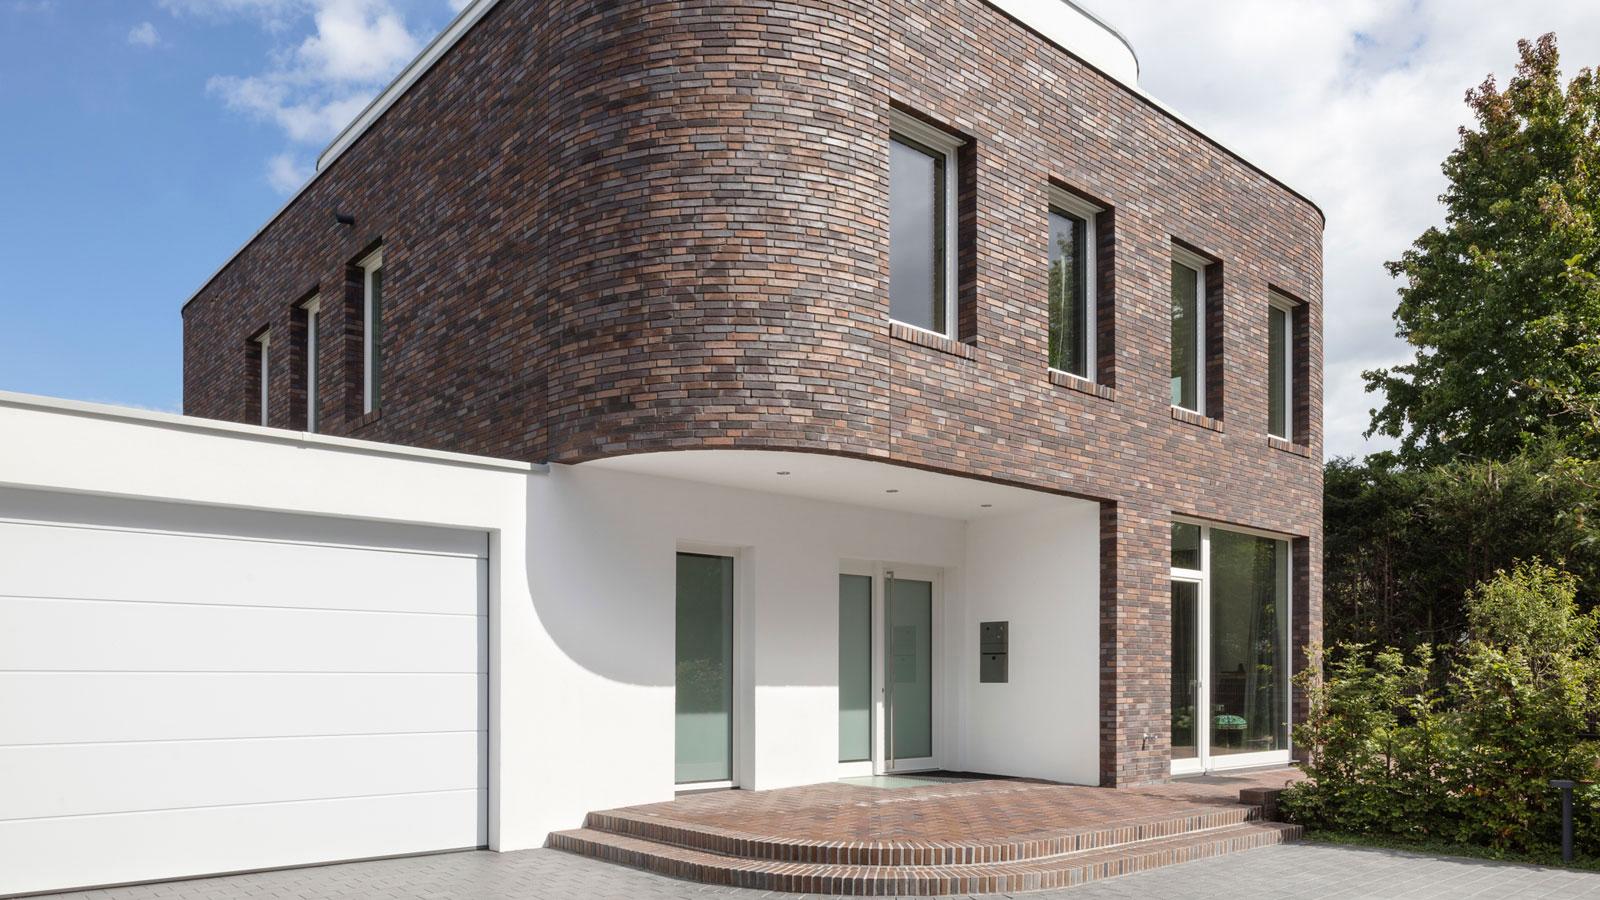 Einfamilienhaus im Johanniterviertel Bonn